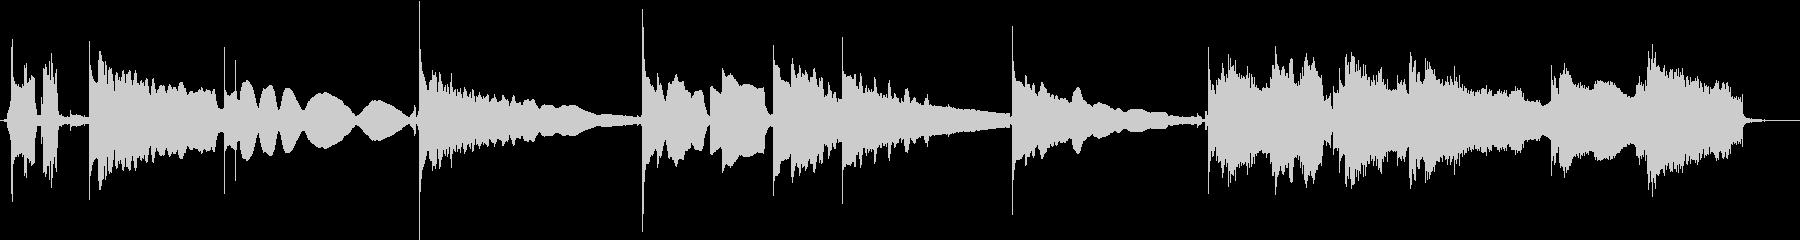 エレクトリックギター:チューニング...の未再生の波形